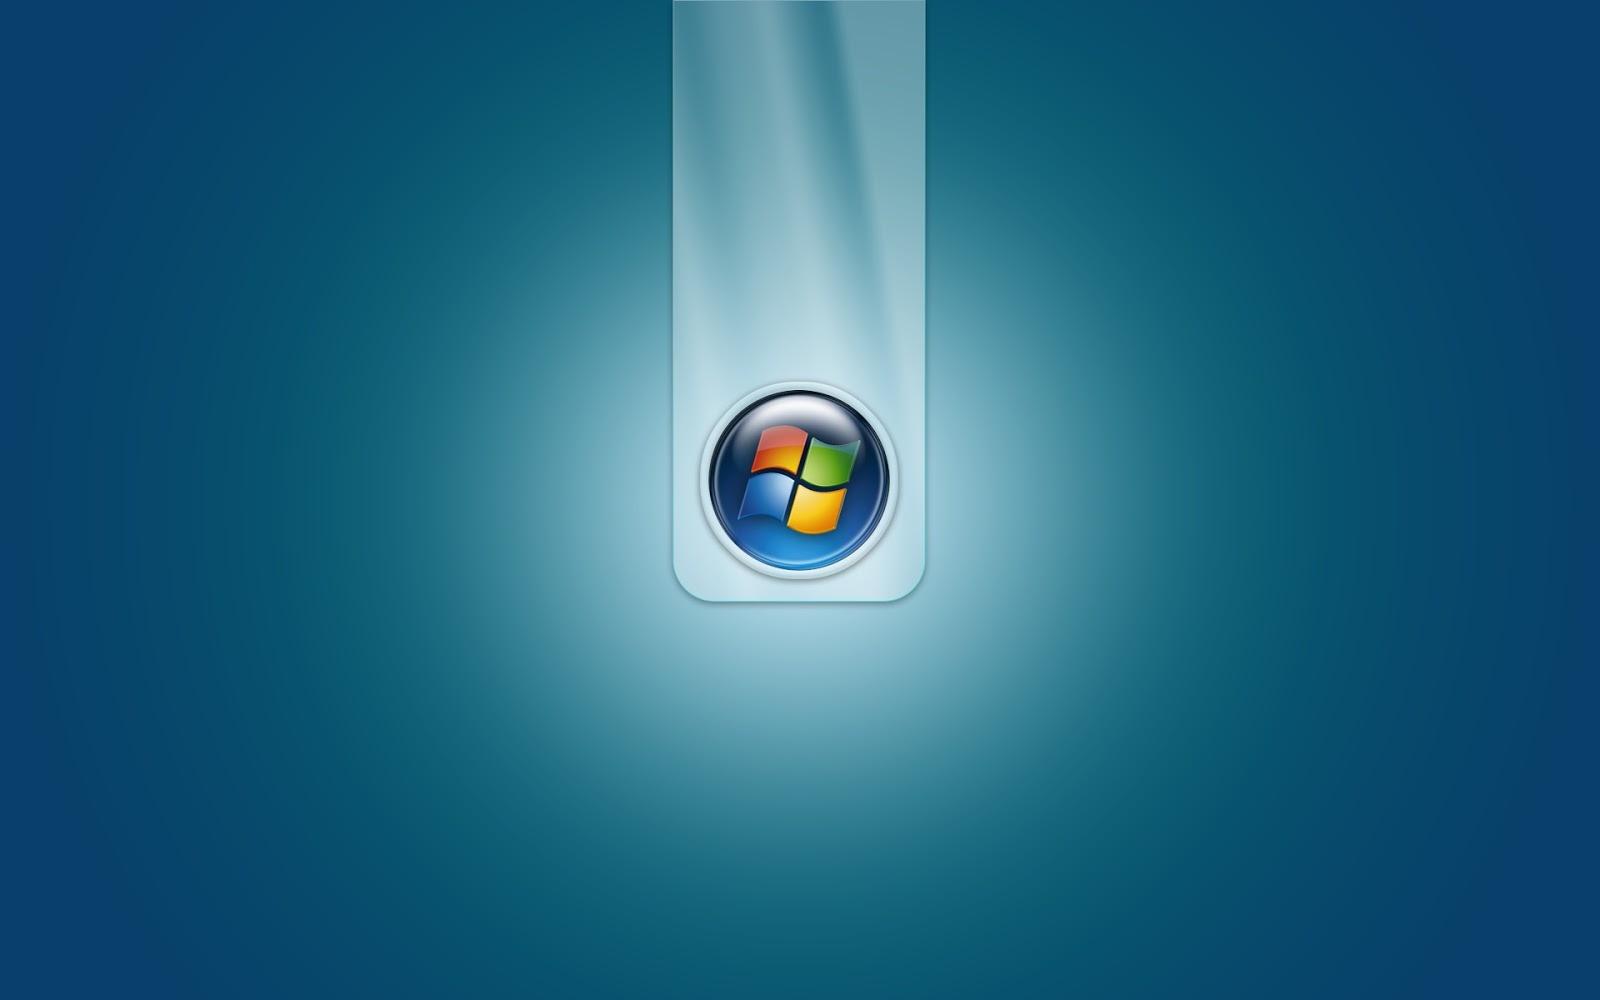 http://3.bp.blogspot.com/-sGc6g0nwj6o/UIDXvMGrkvI/AAAAAAAADEM/v82NFVMfFaQ/s1600/Windows+Vista+HD+Wallpapers+(2).jpg